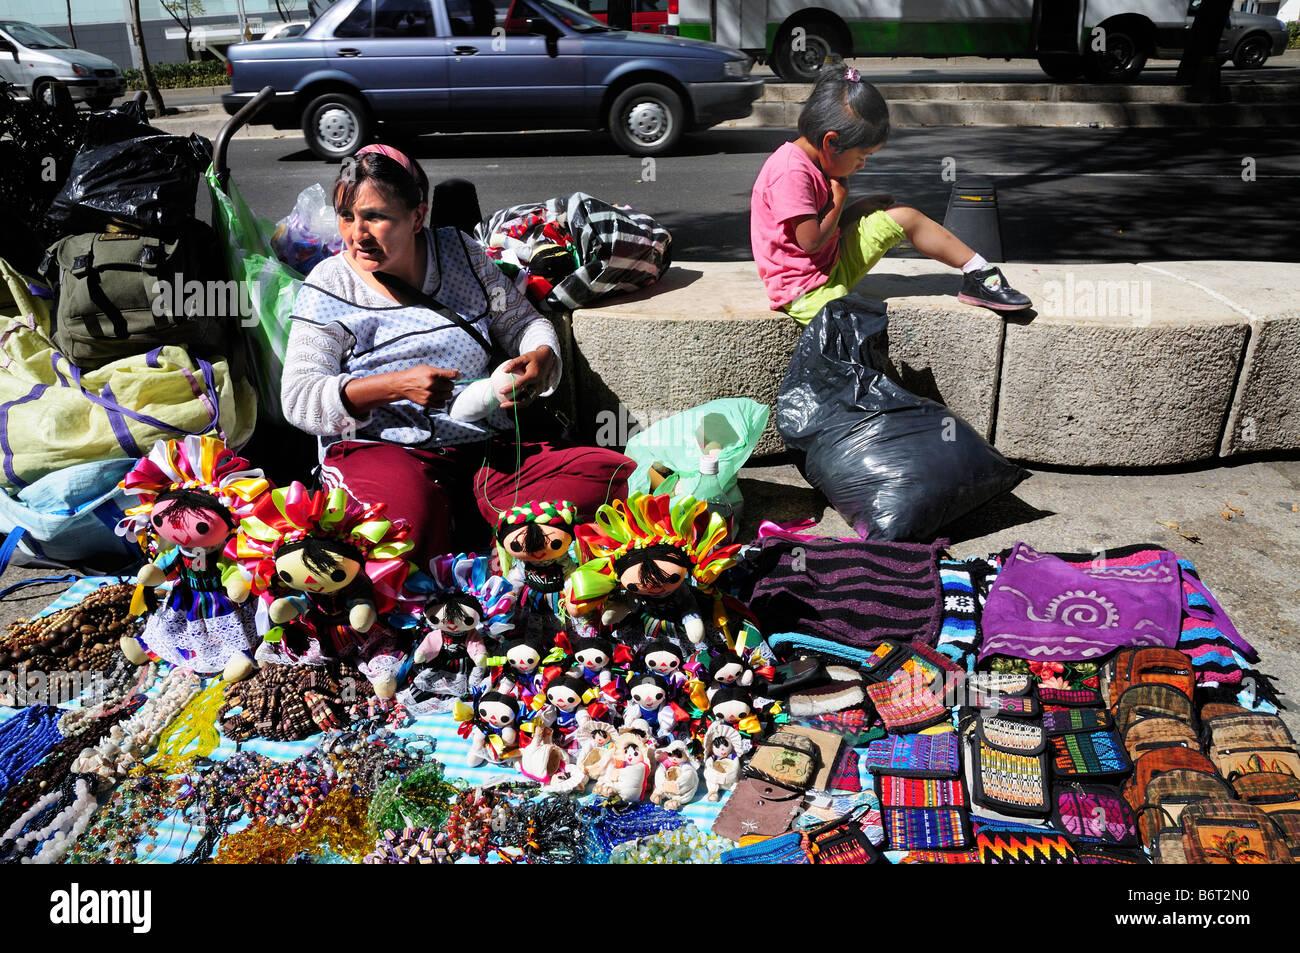 Street vendor, Mexico City - Stock Image